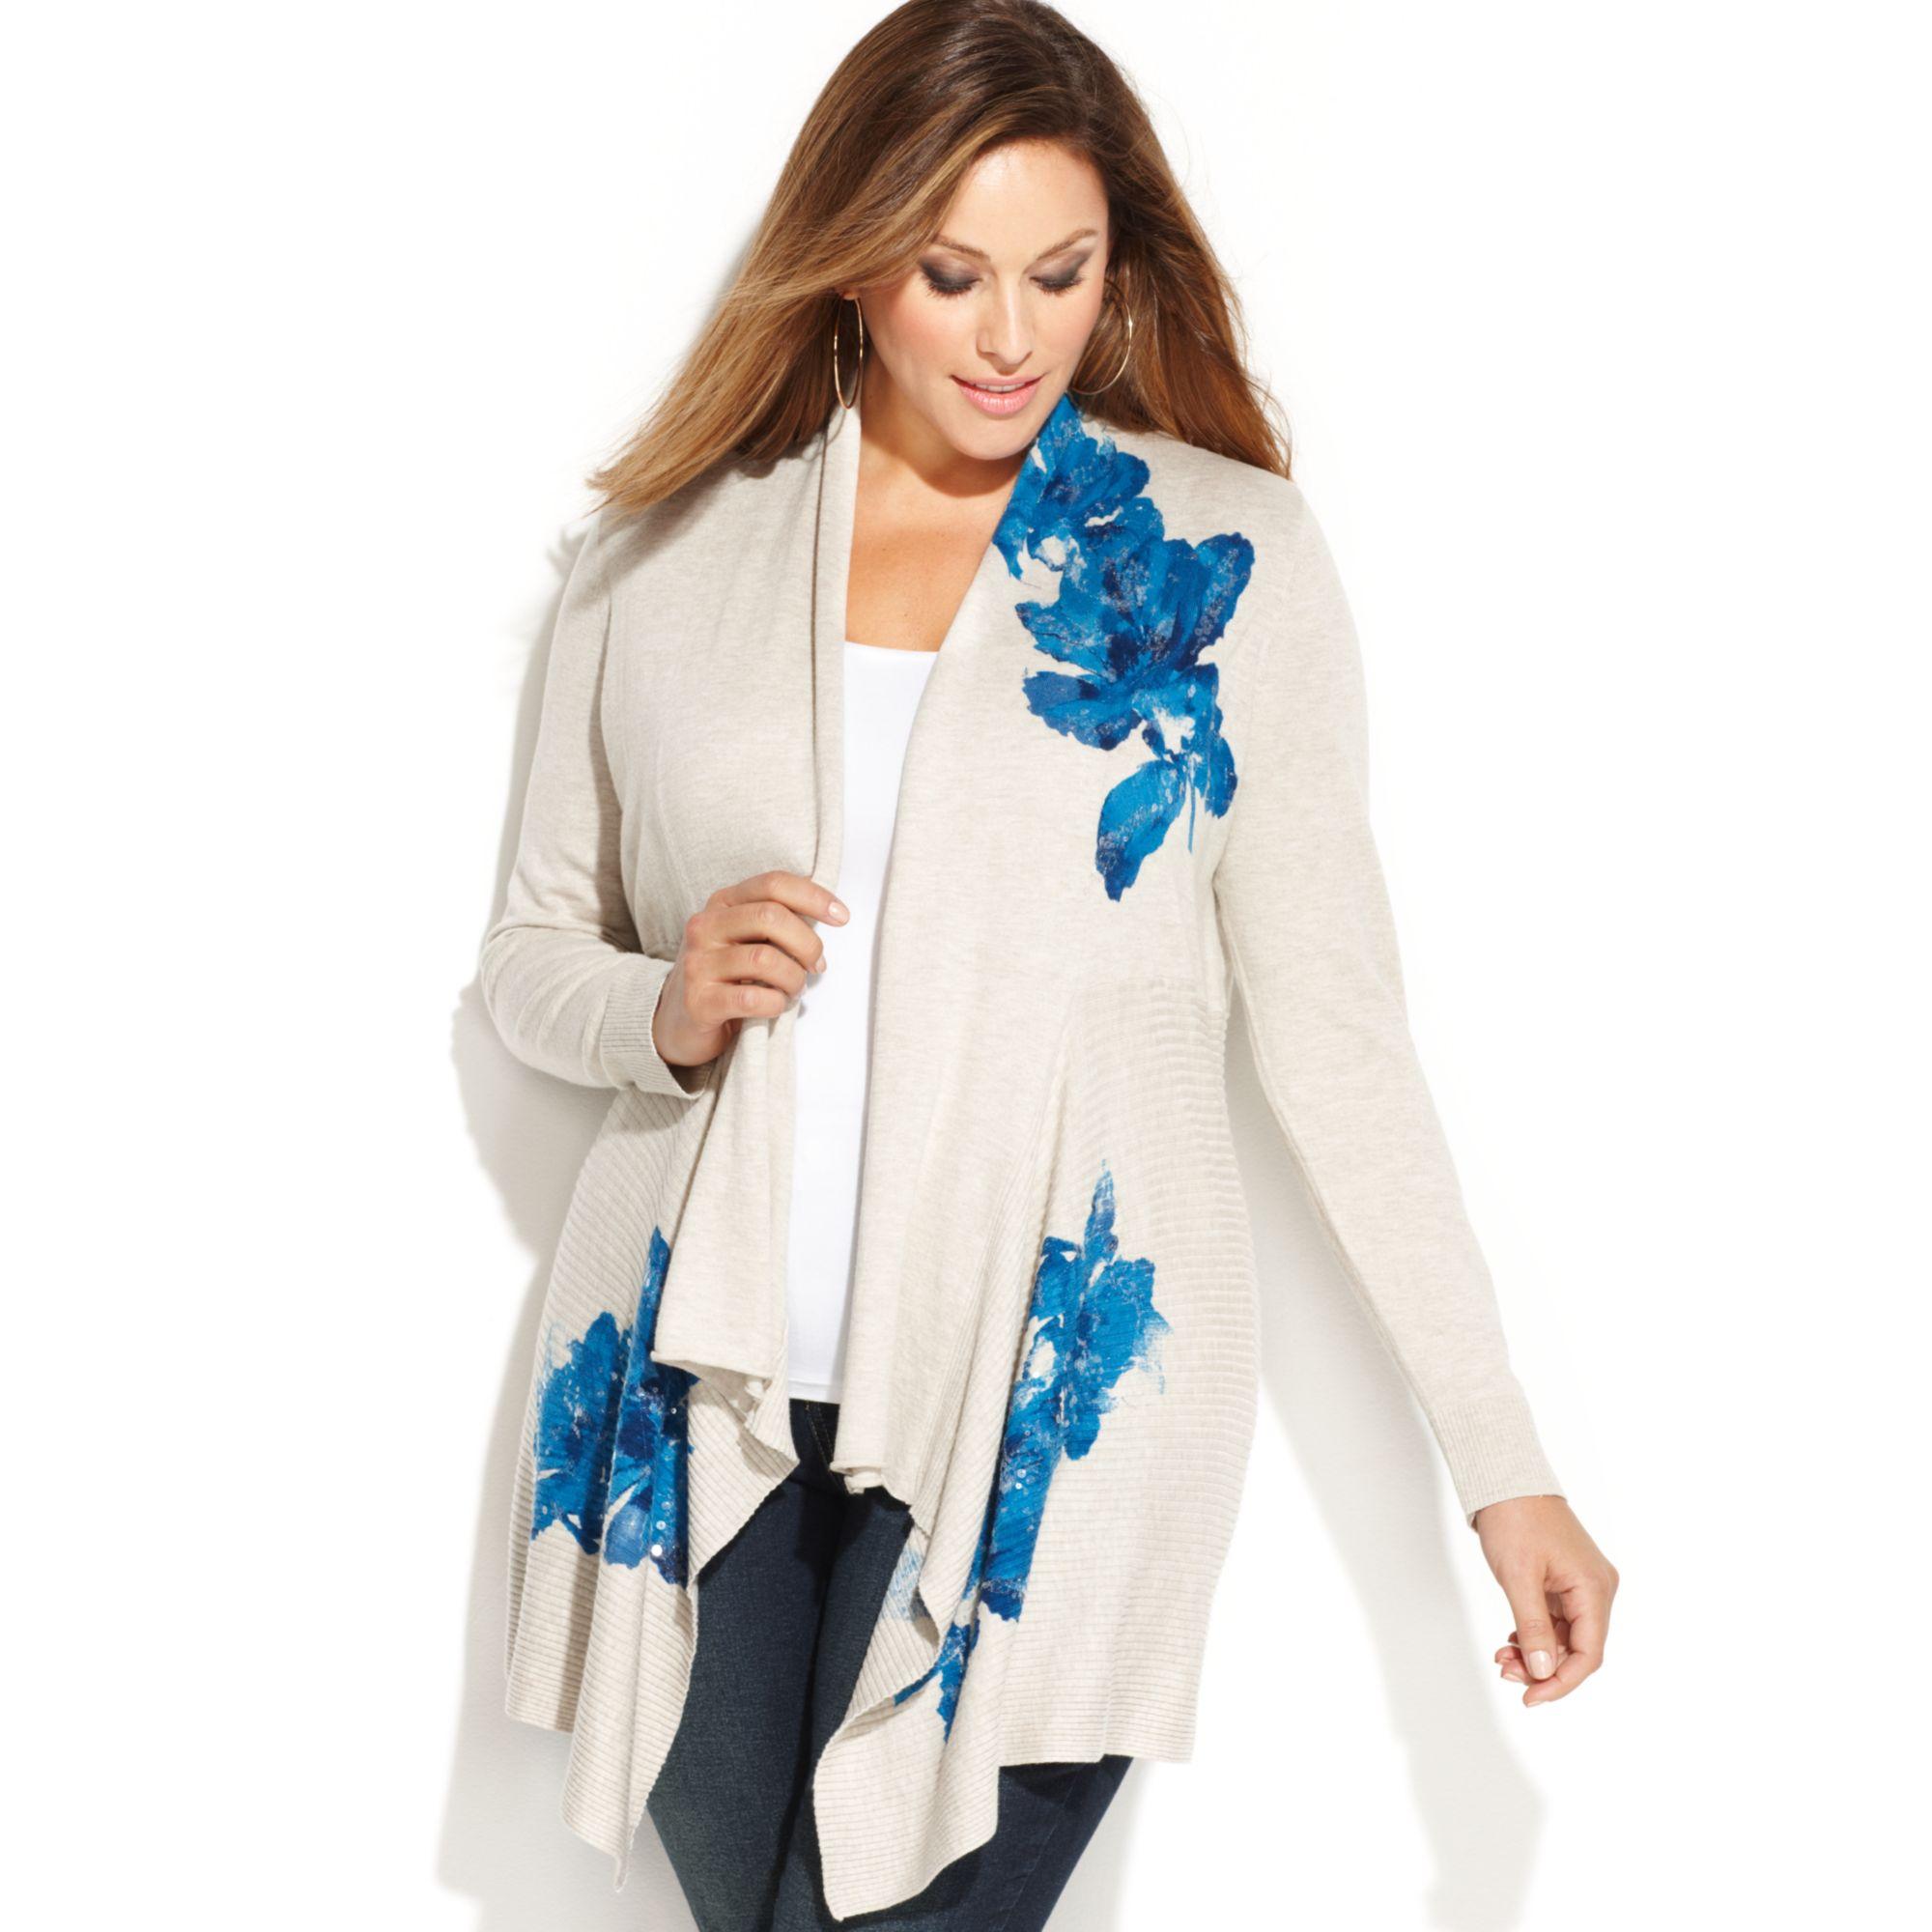 Inc international concepts Plus Size Draped Floralprint Sequined ...